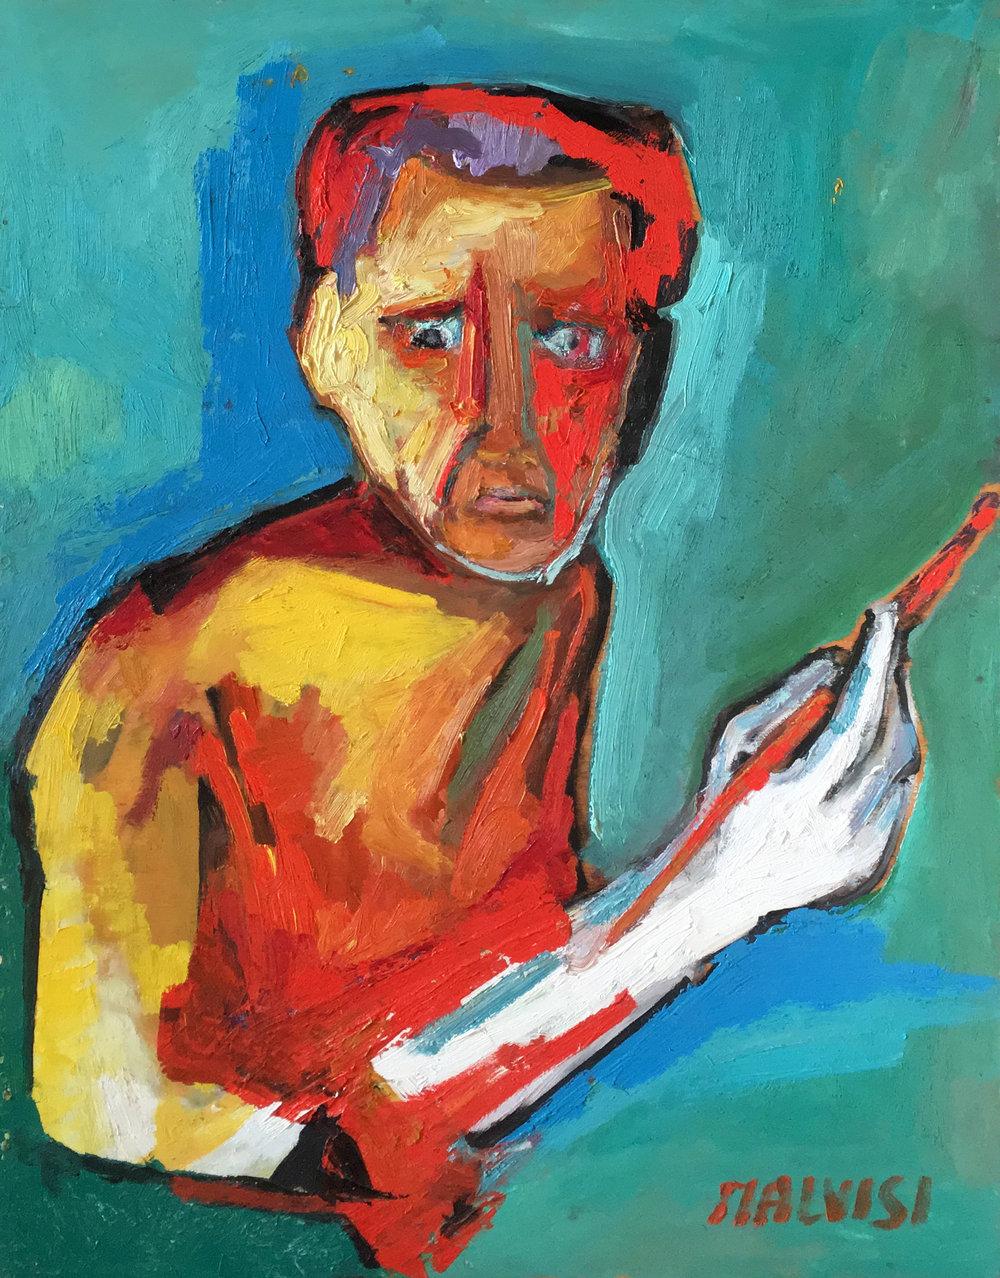 <b>Self portrait</b><br>1980 Oil on wood <br> cm 50 x 70